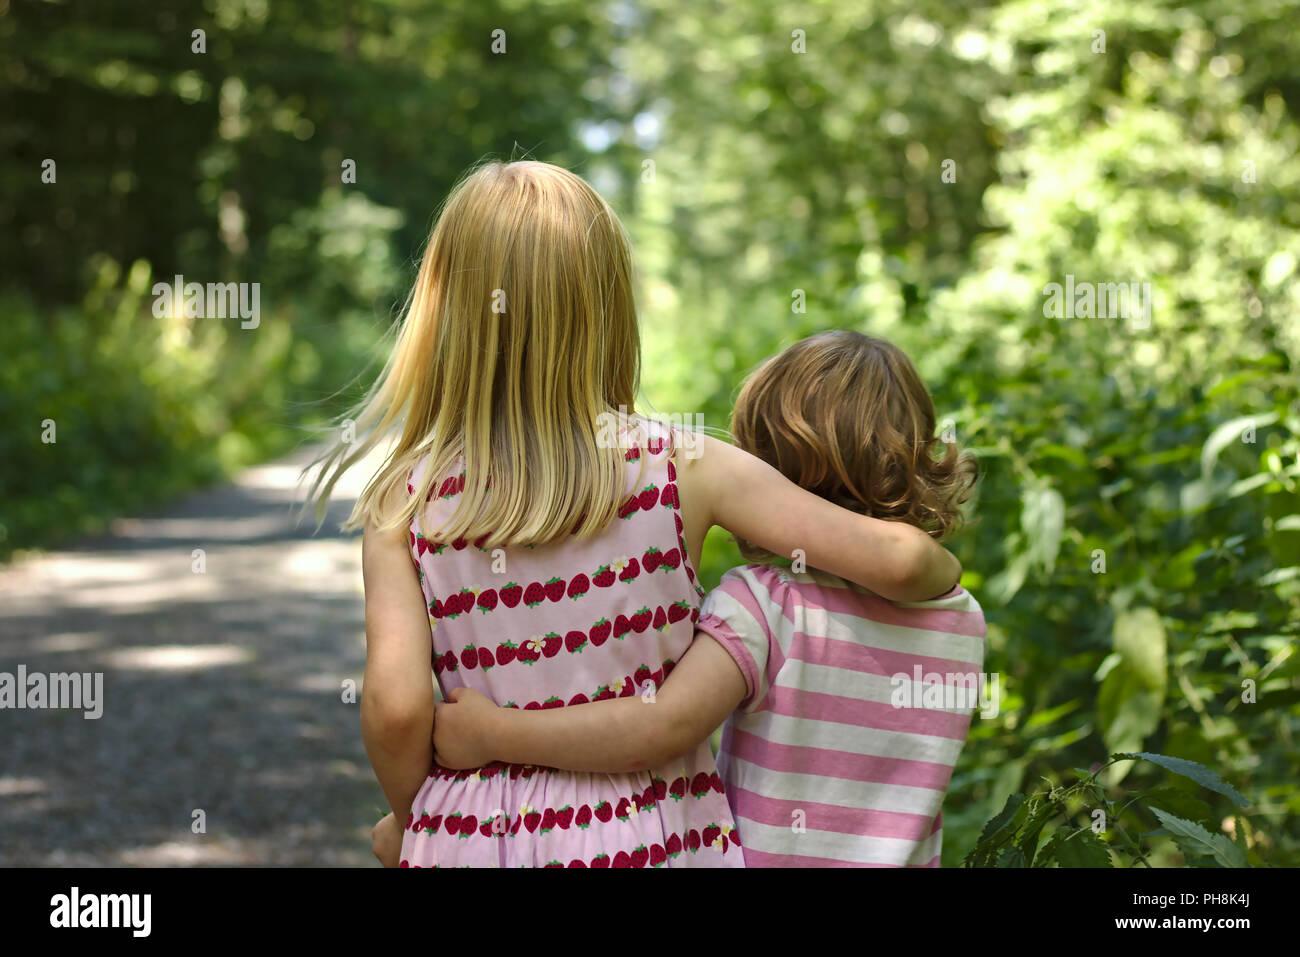 Zwei kleine Mädchen, Sommer Kleider gehen Arm in Arm entlang Sonniger Wald Trail Stockbild